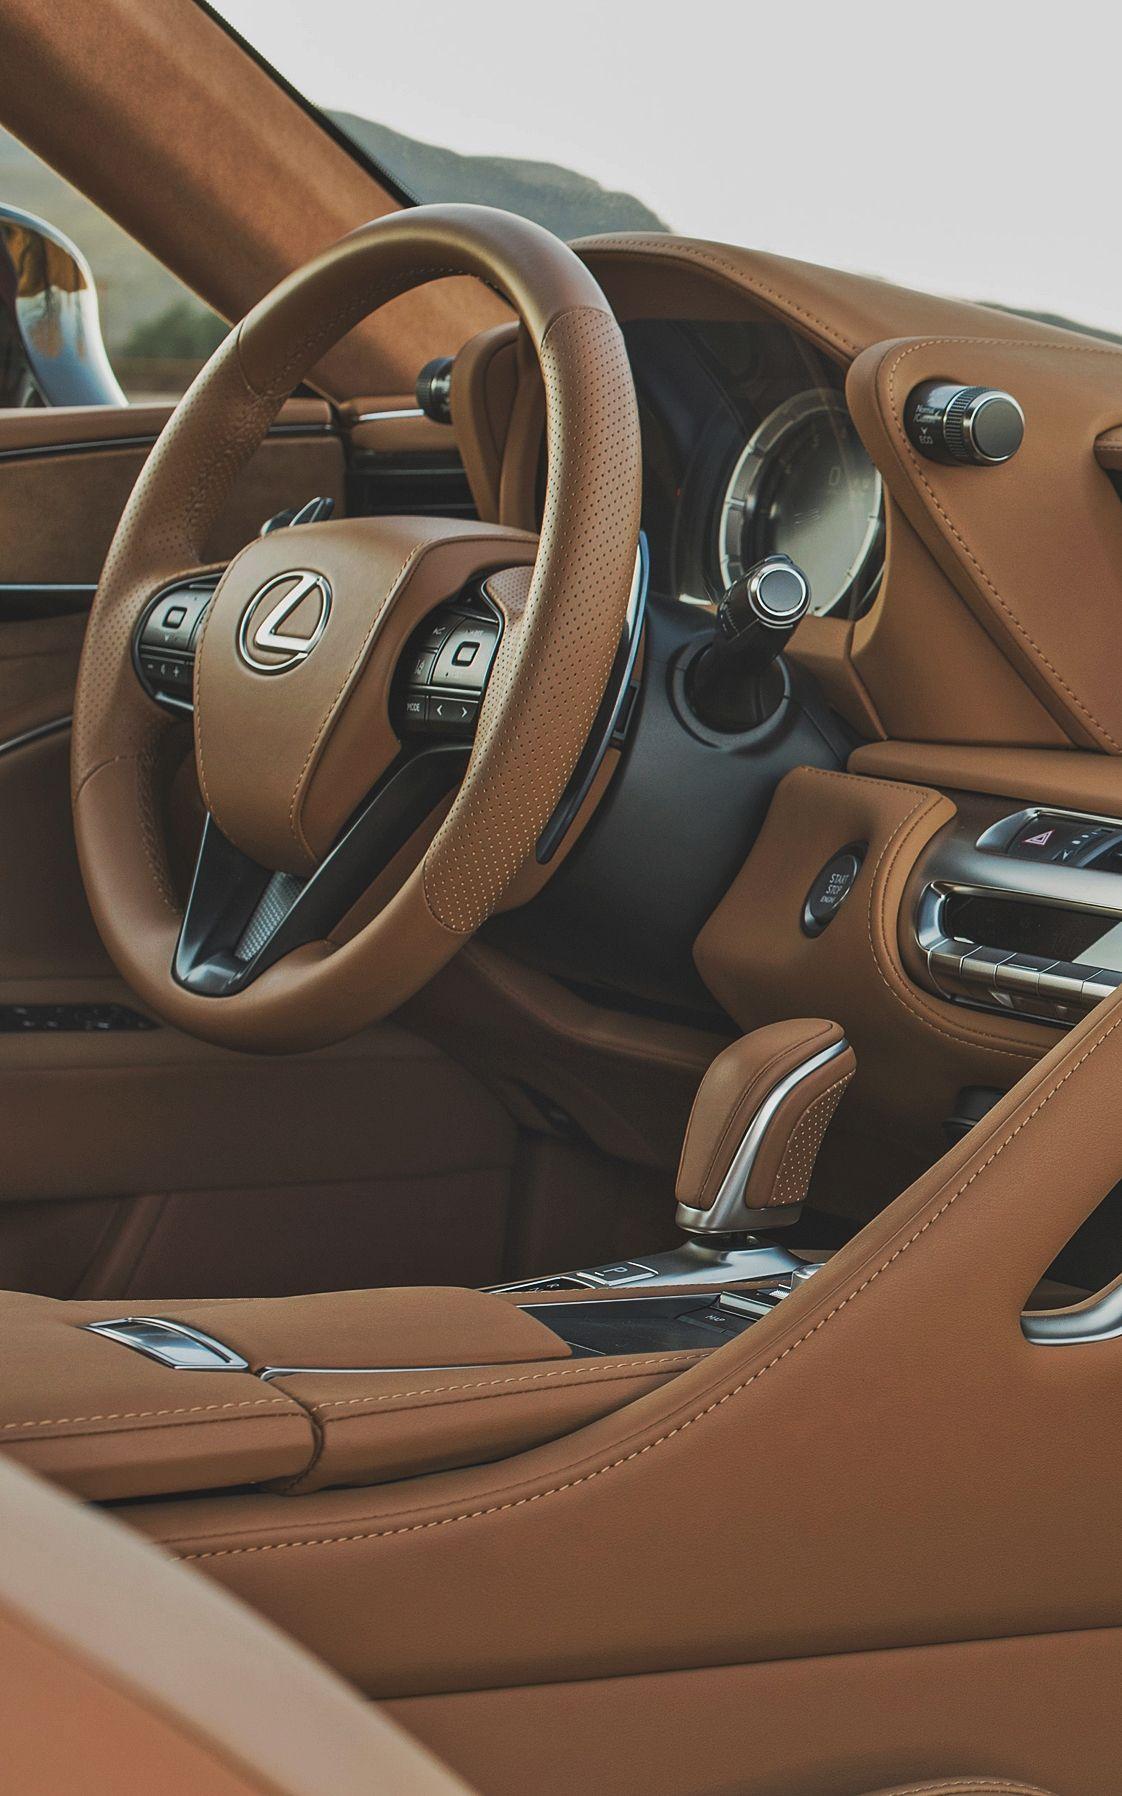 LC 500h Lexus cars, Best luxury cars, Luxury car interior